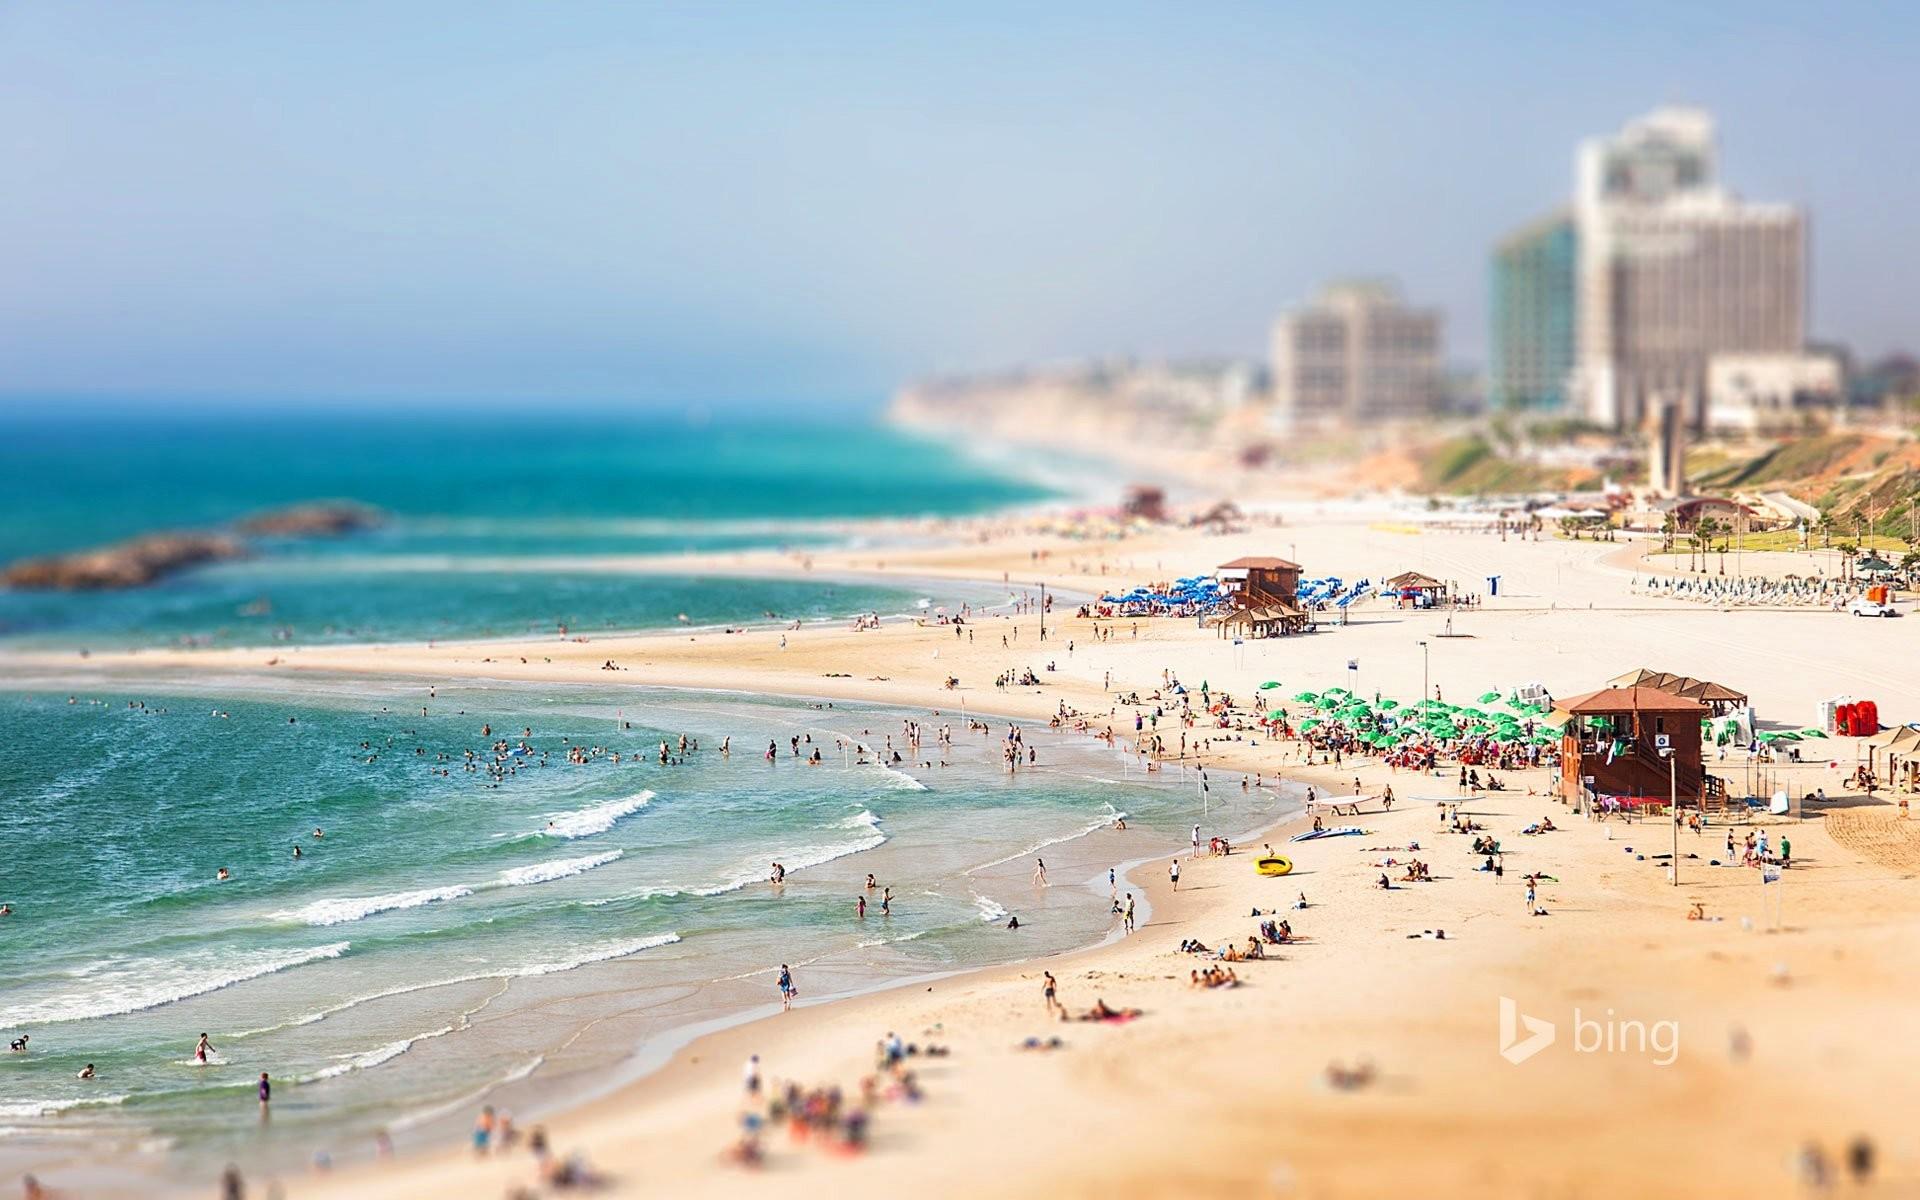 herzliya israel israel sky sea beach people house